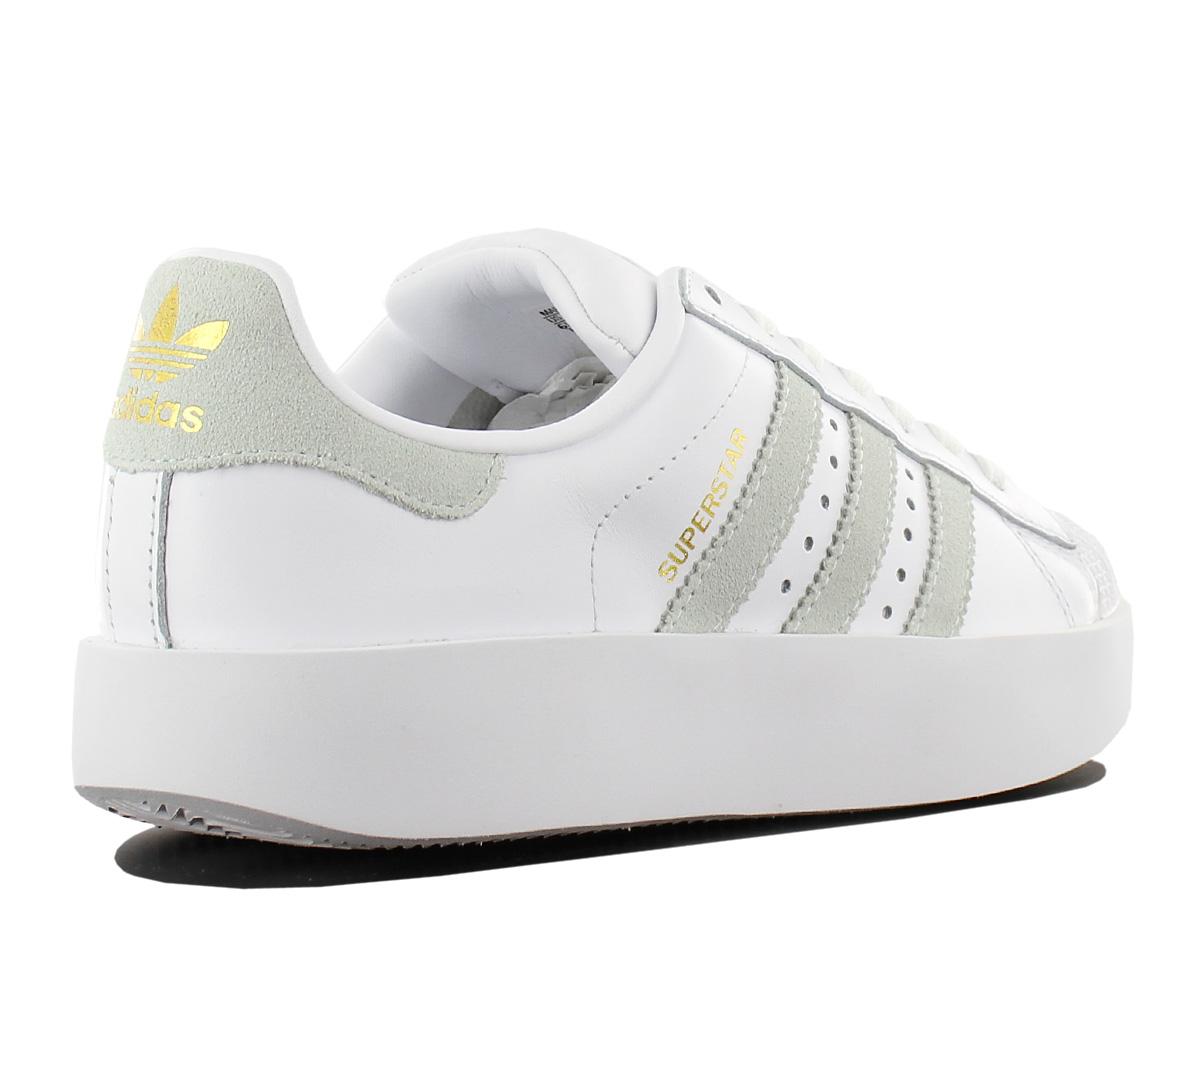 Adidas Originals Superstar Bold W Damen Sneaker Plateau Schuhe Weiss